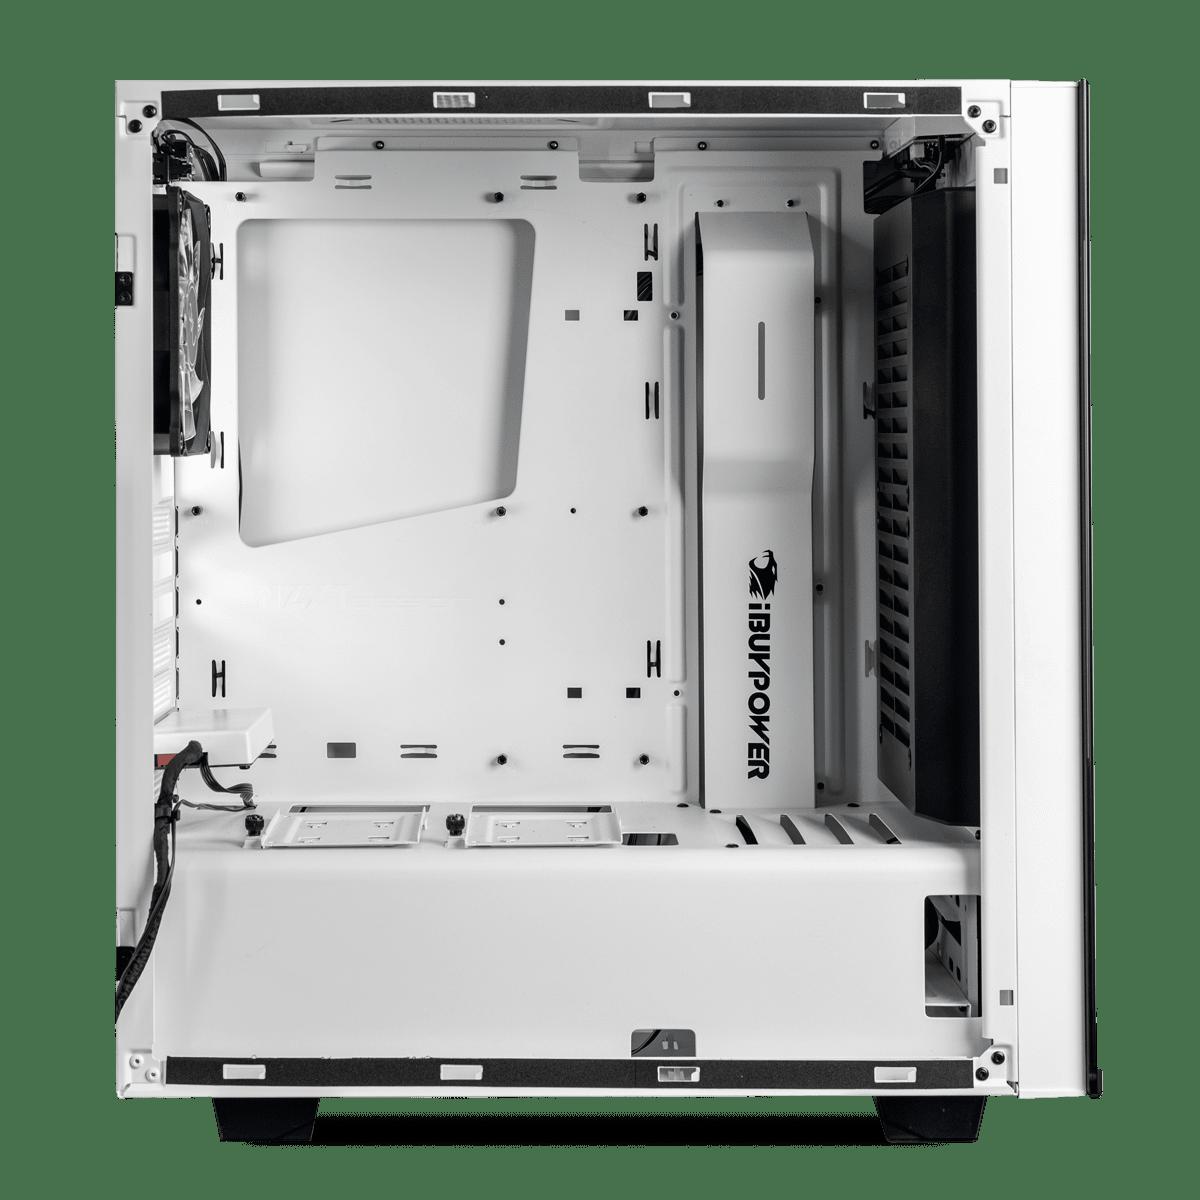 03-snowblind-element-case-sidea-1200